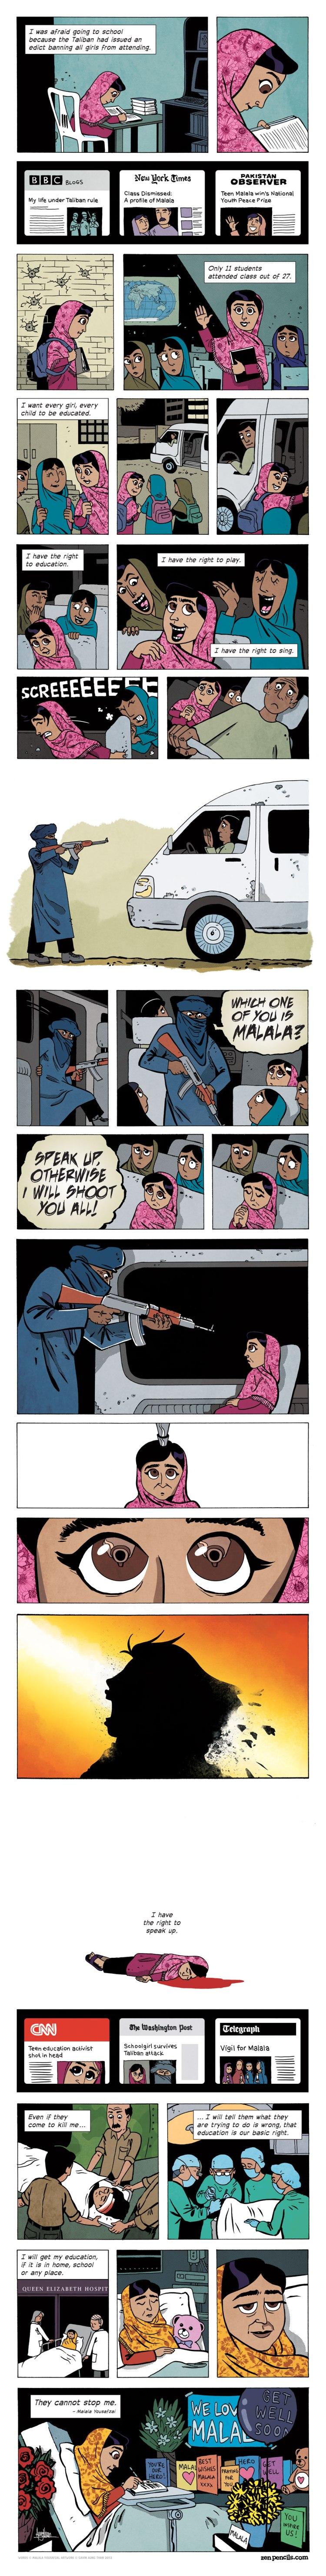 Malala-Yousafzai-zen-pencils